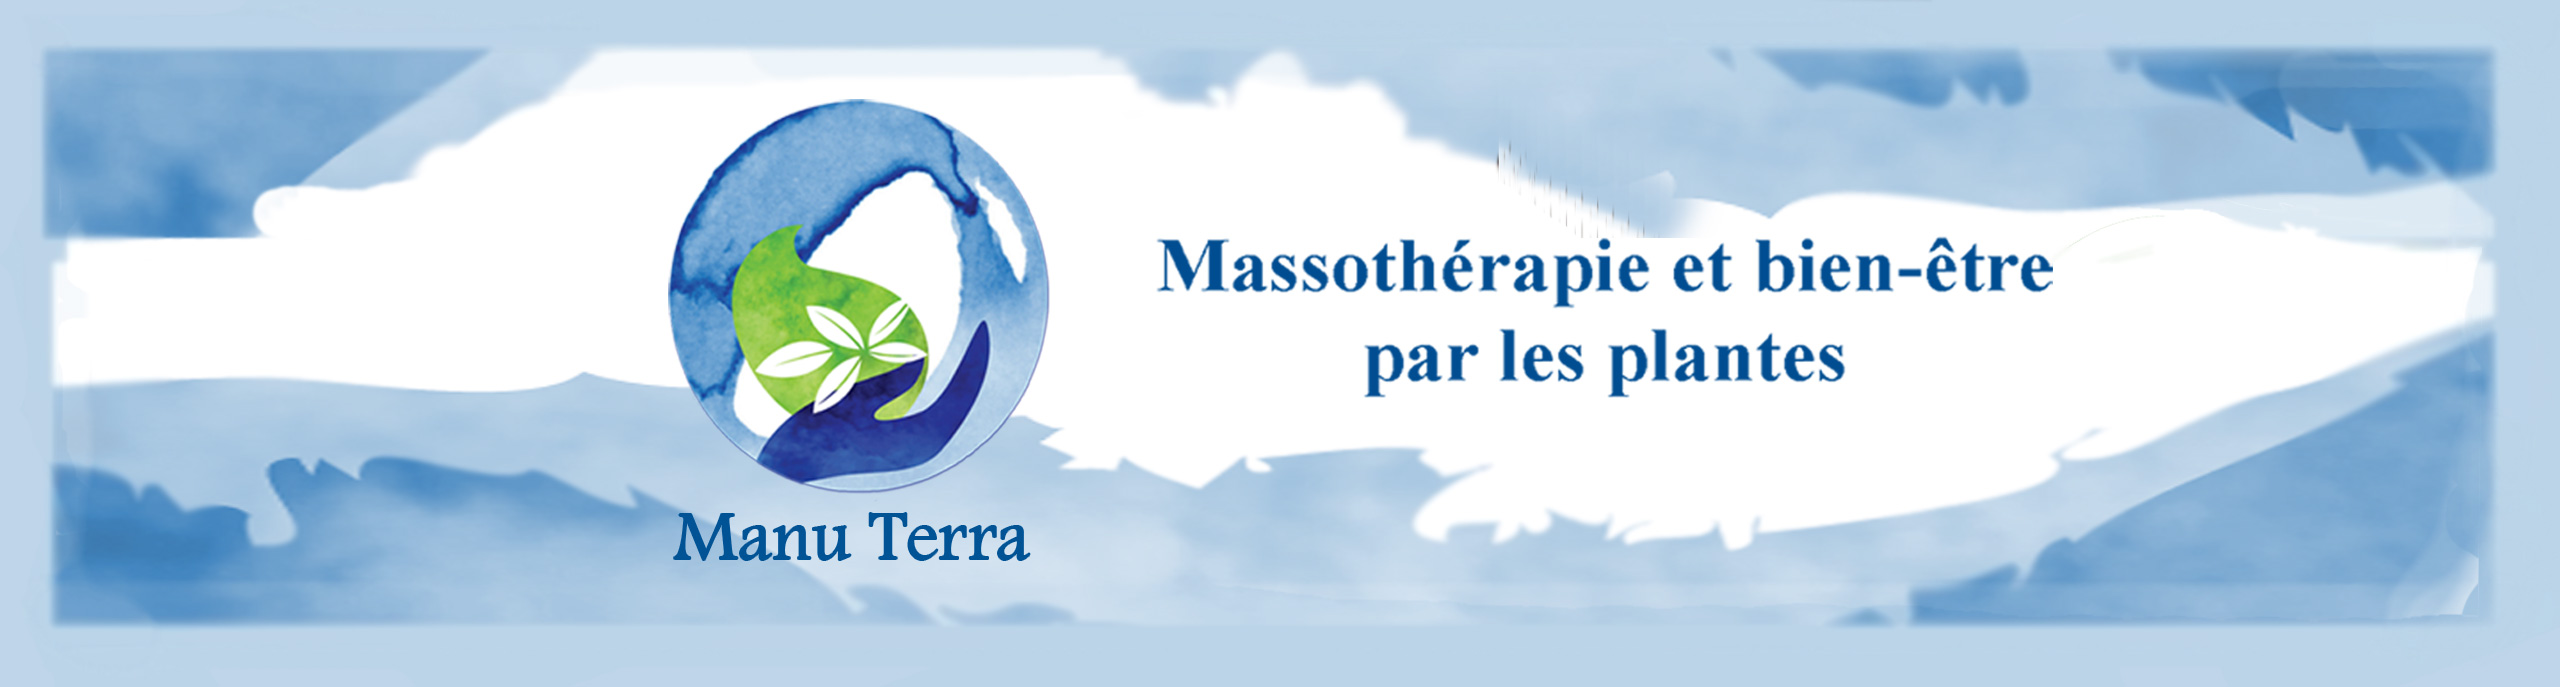 Manu Terra, massothérapie à Vimont, Laval